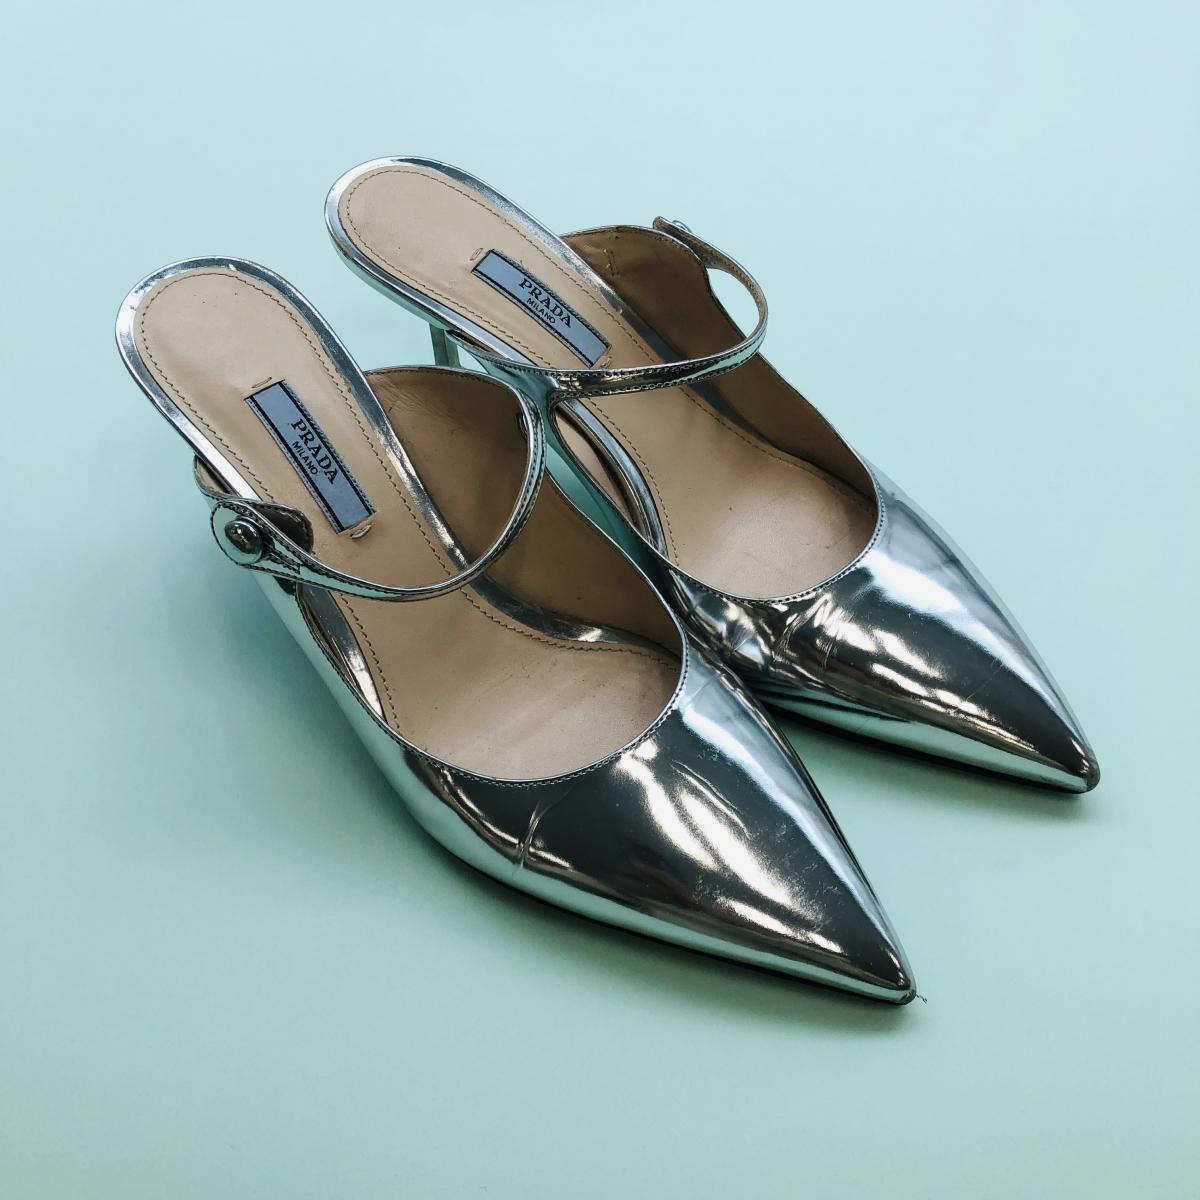 大好きなシルバーのプラダのパンプス。いつも履くときに「プラダの靴がほしい~の~」と鼻歌が出てしまう。